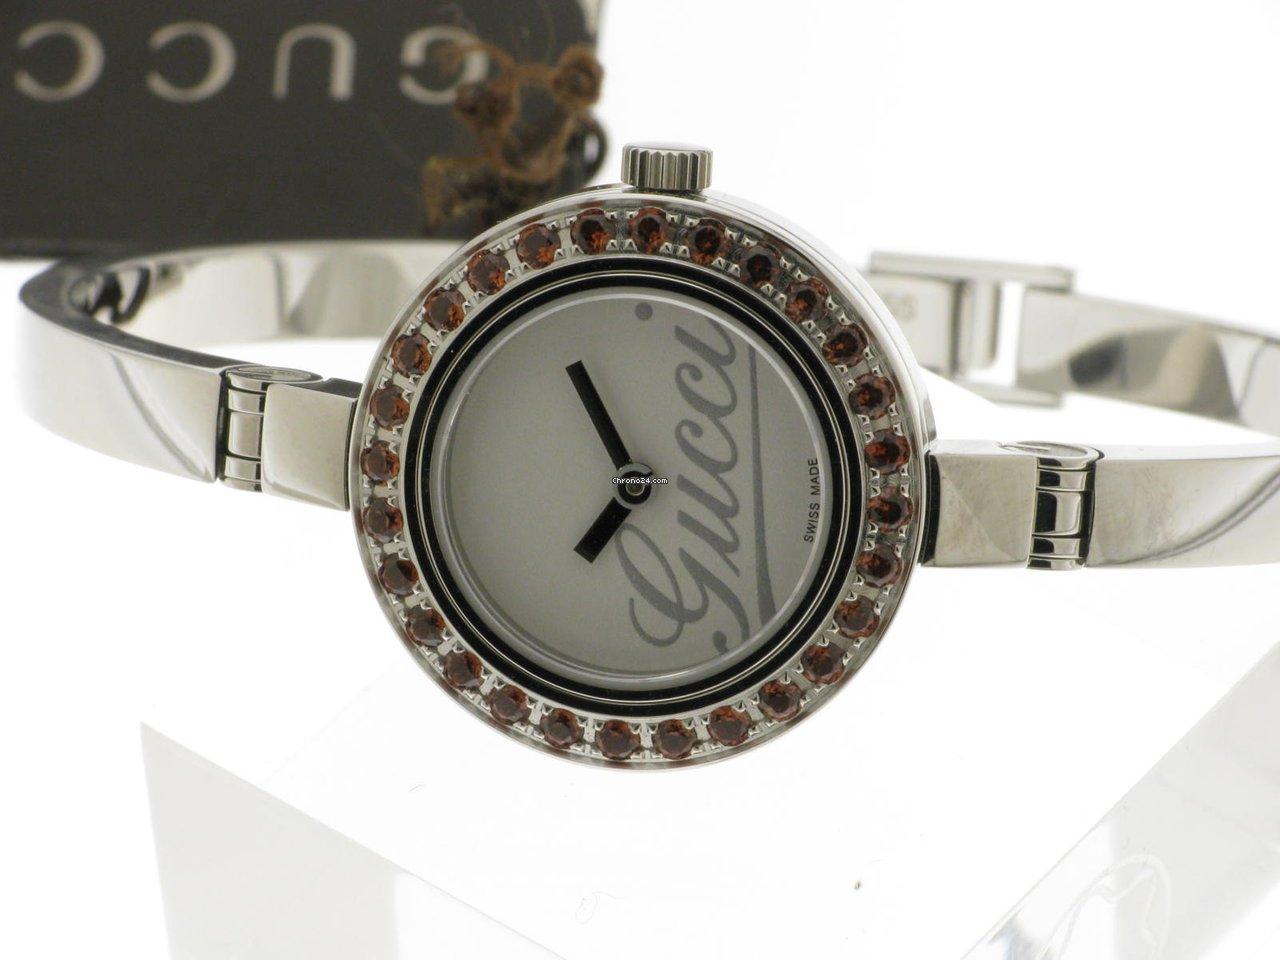 Női Gucci órák árai  a22ebfff07